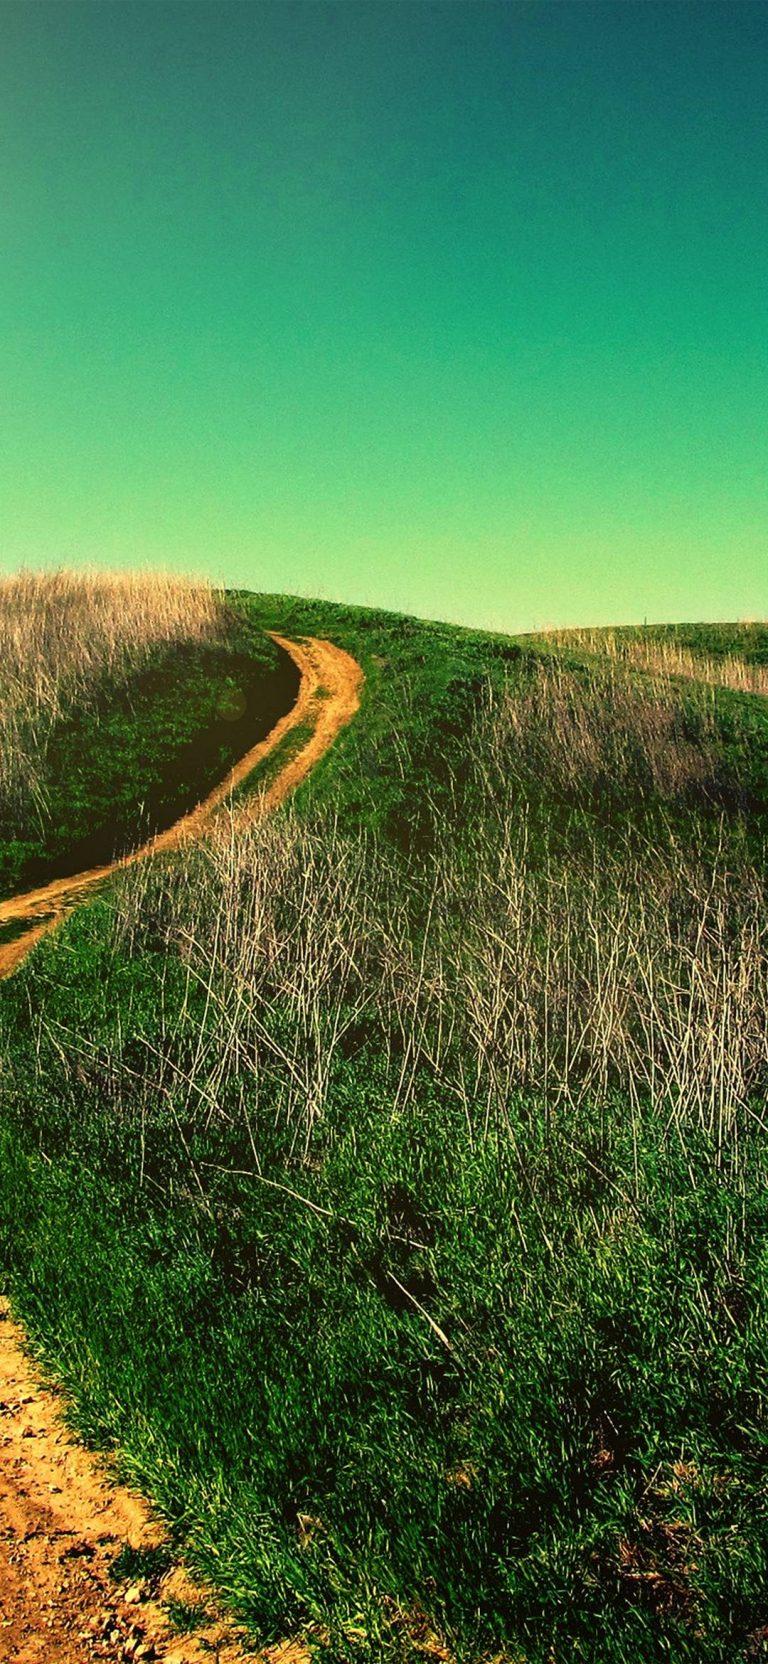 Uphill Road 1080x2340 768x1664